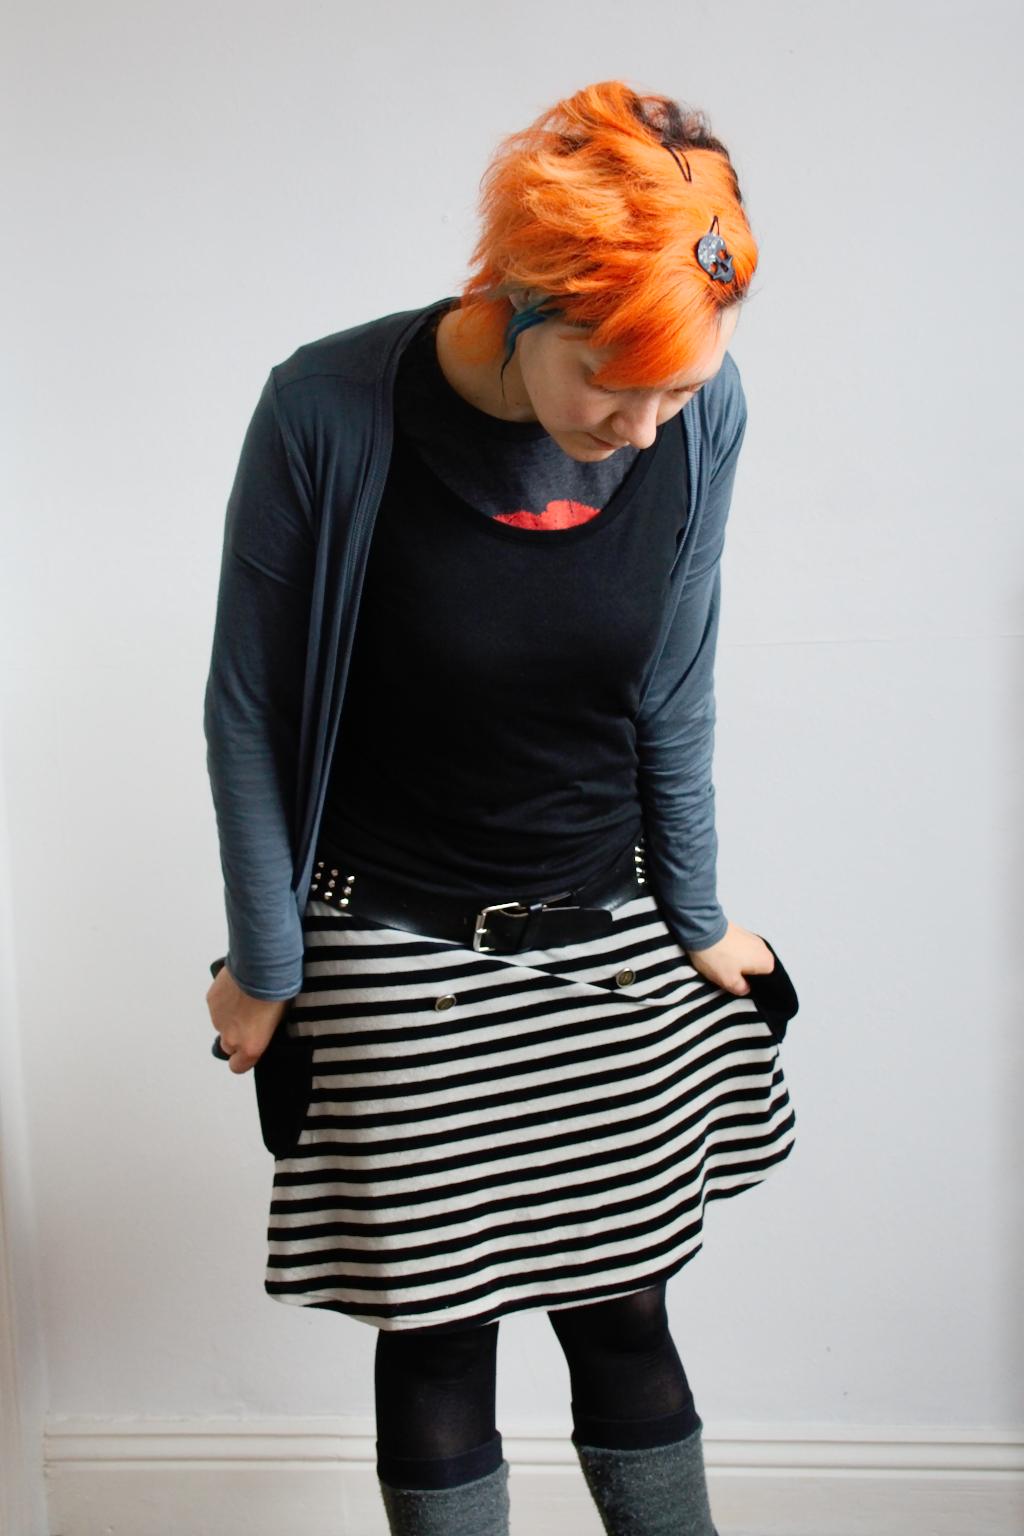 Arbeitsoutfit im englischen Sommer - orange Haare - Zebraspider DIY Anti-Fashion Blog